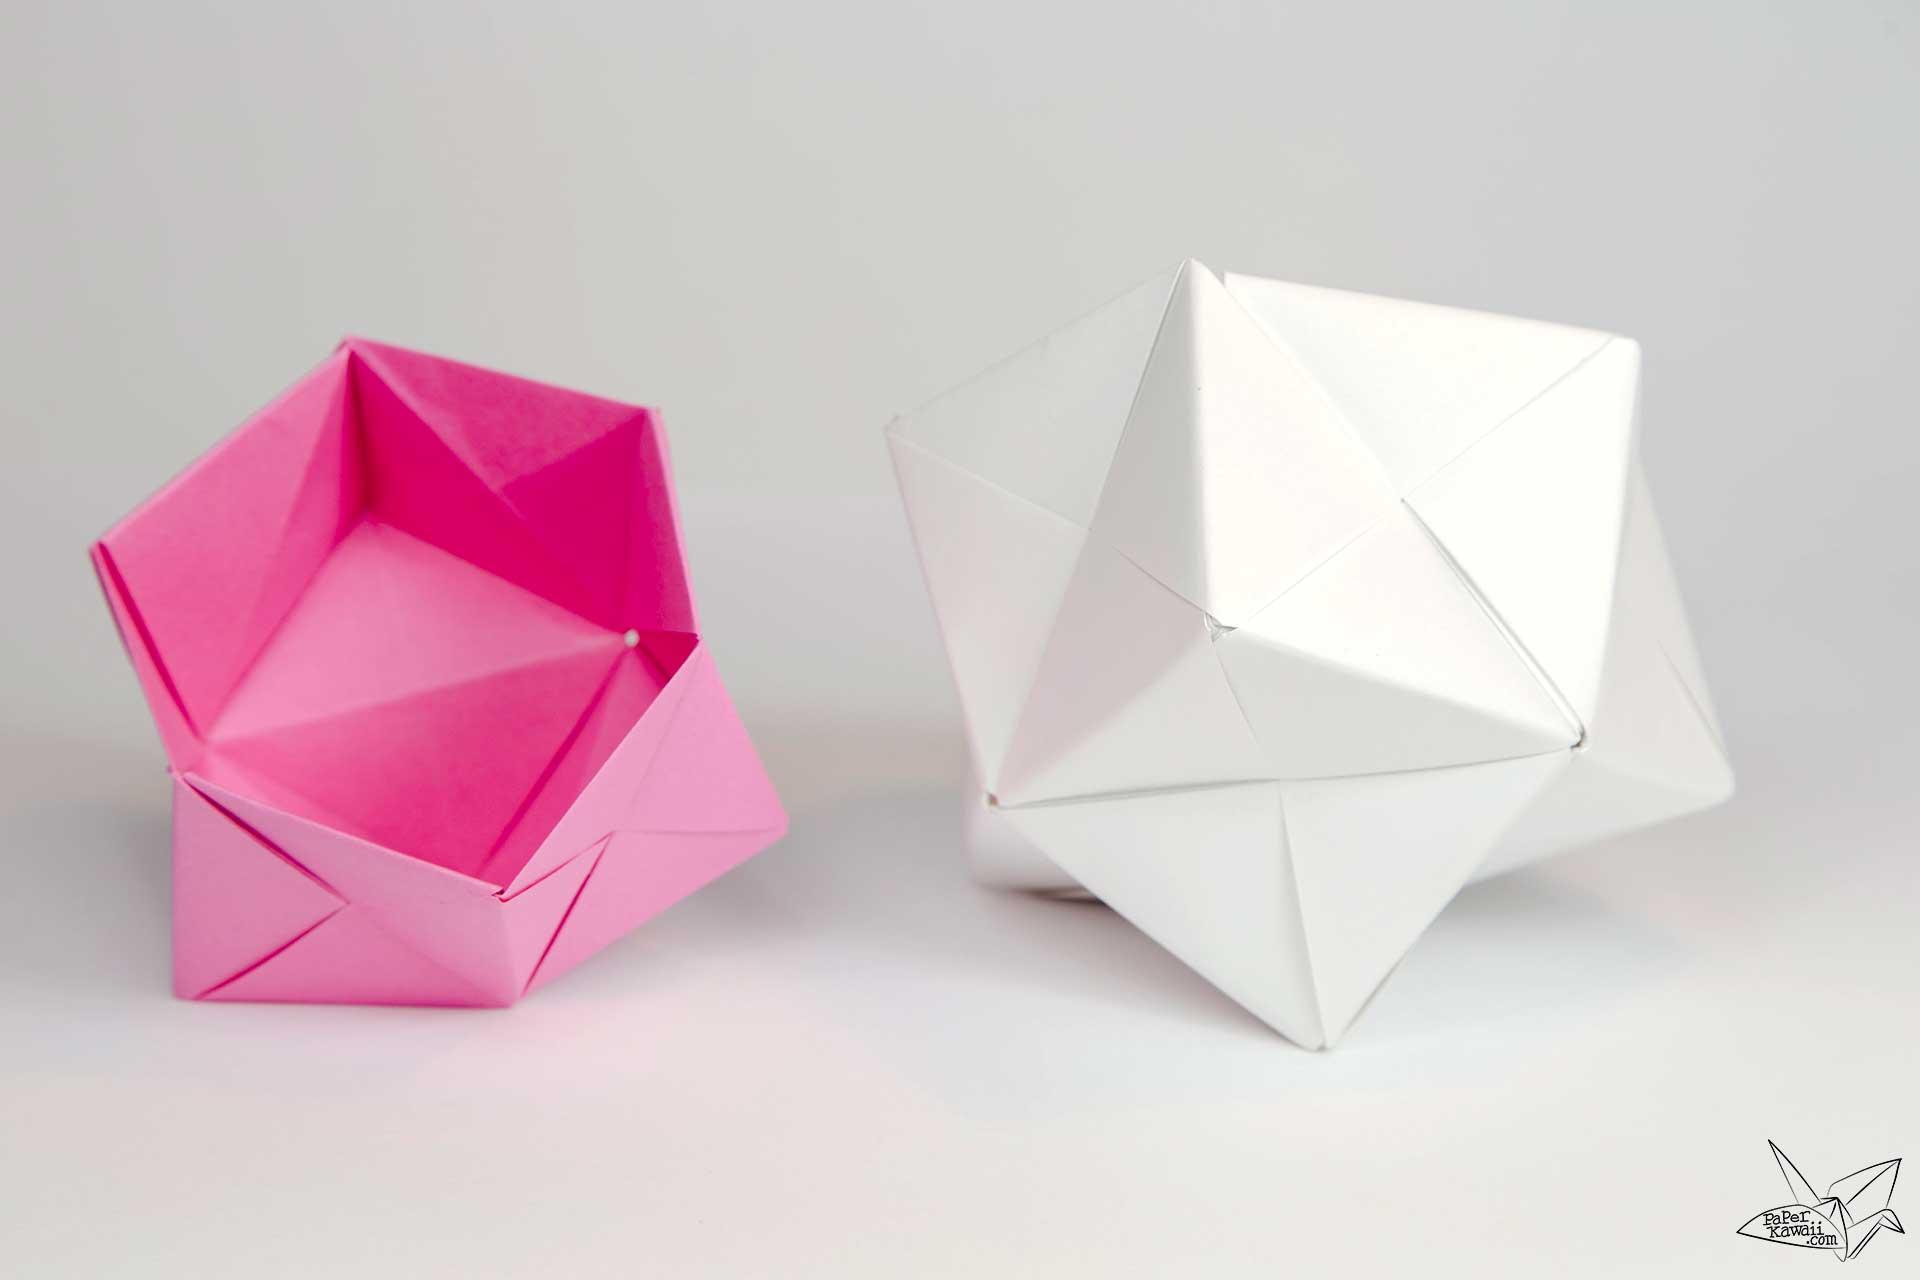 cool modular origami diagram cat5 poe wiring sonobe bowl tutorial paper kawaii